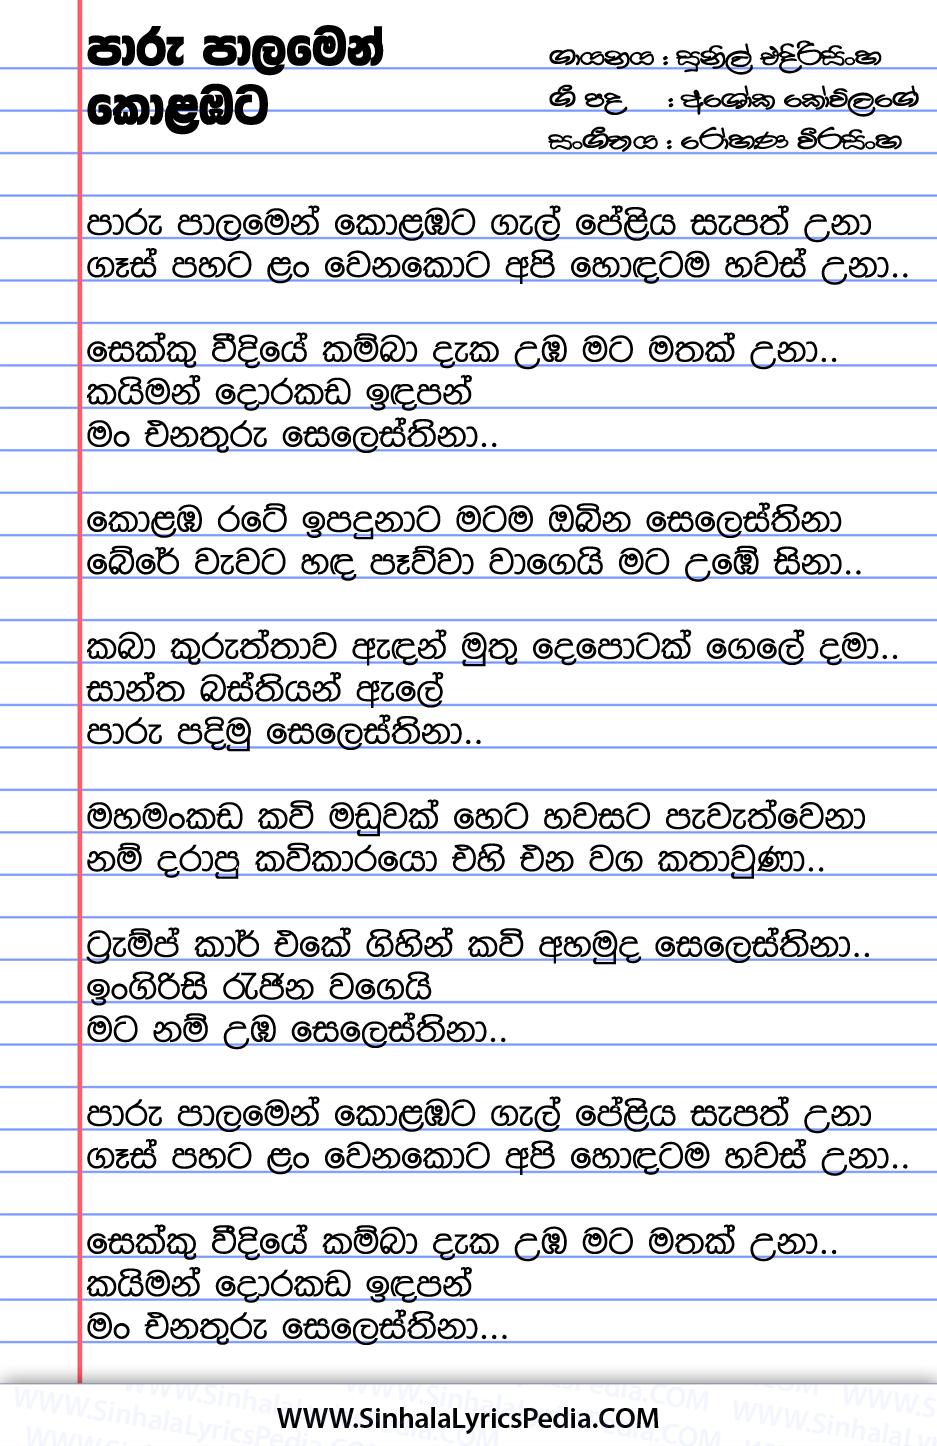 Paru Palamen Gal Peliya Song Lyrics